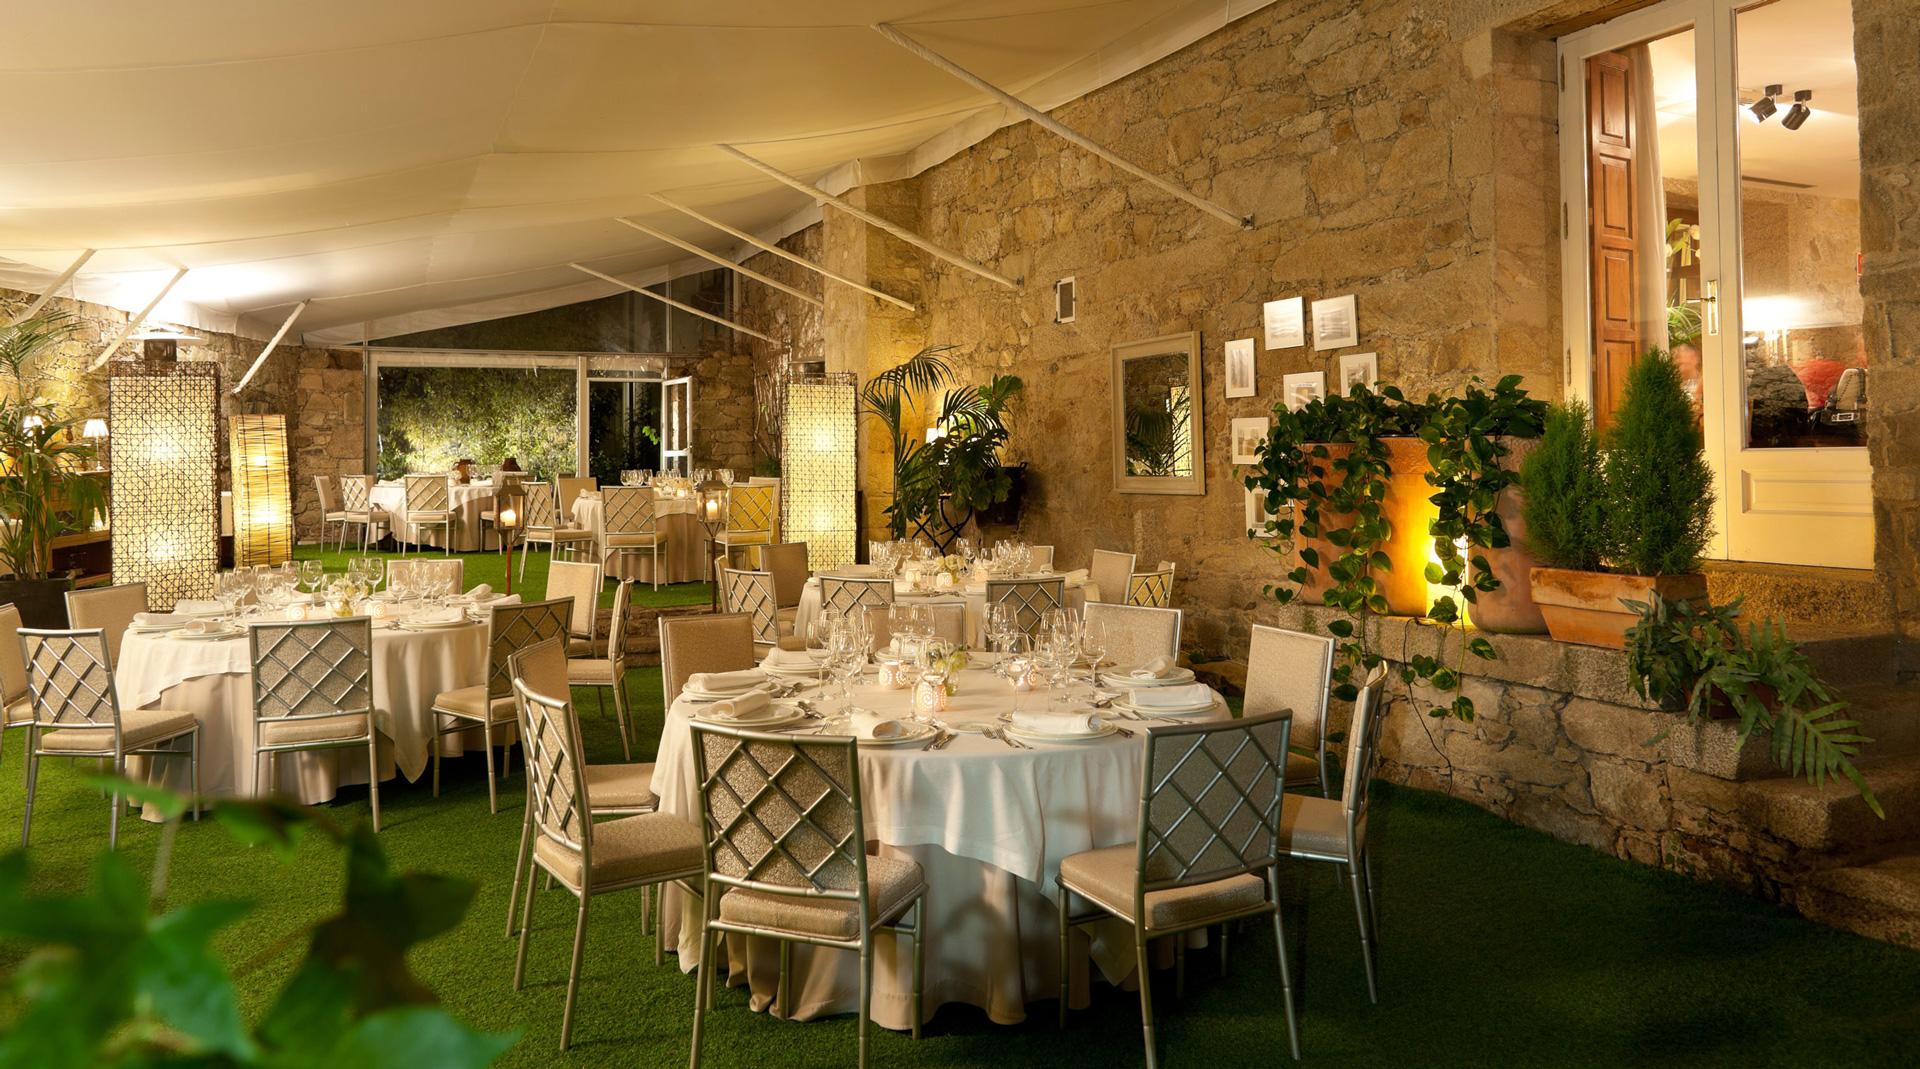 Invernadero - Salón Restaurante Filigrana